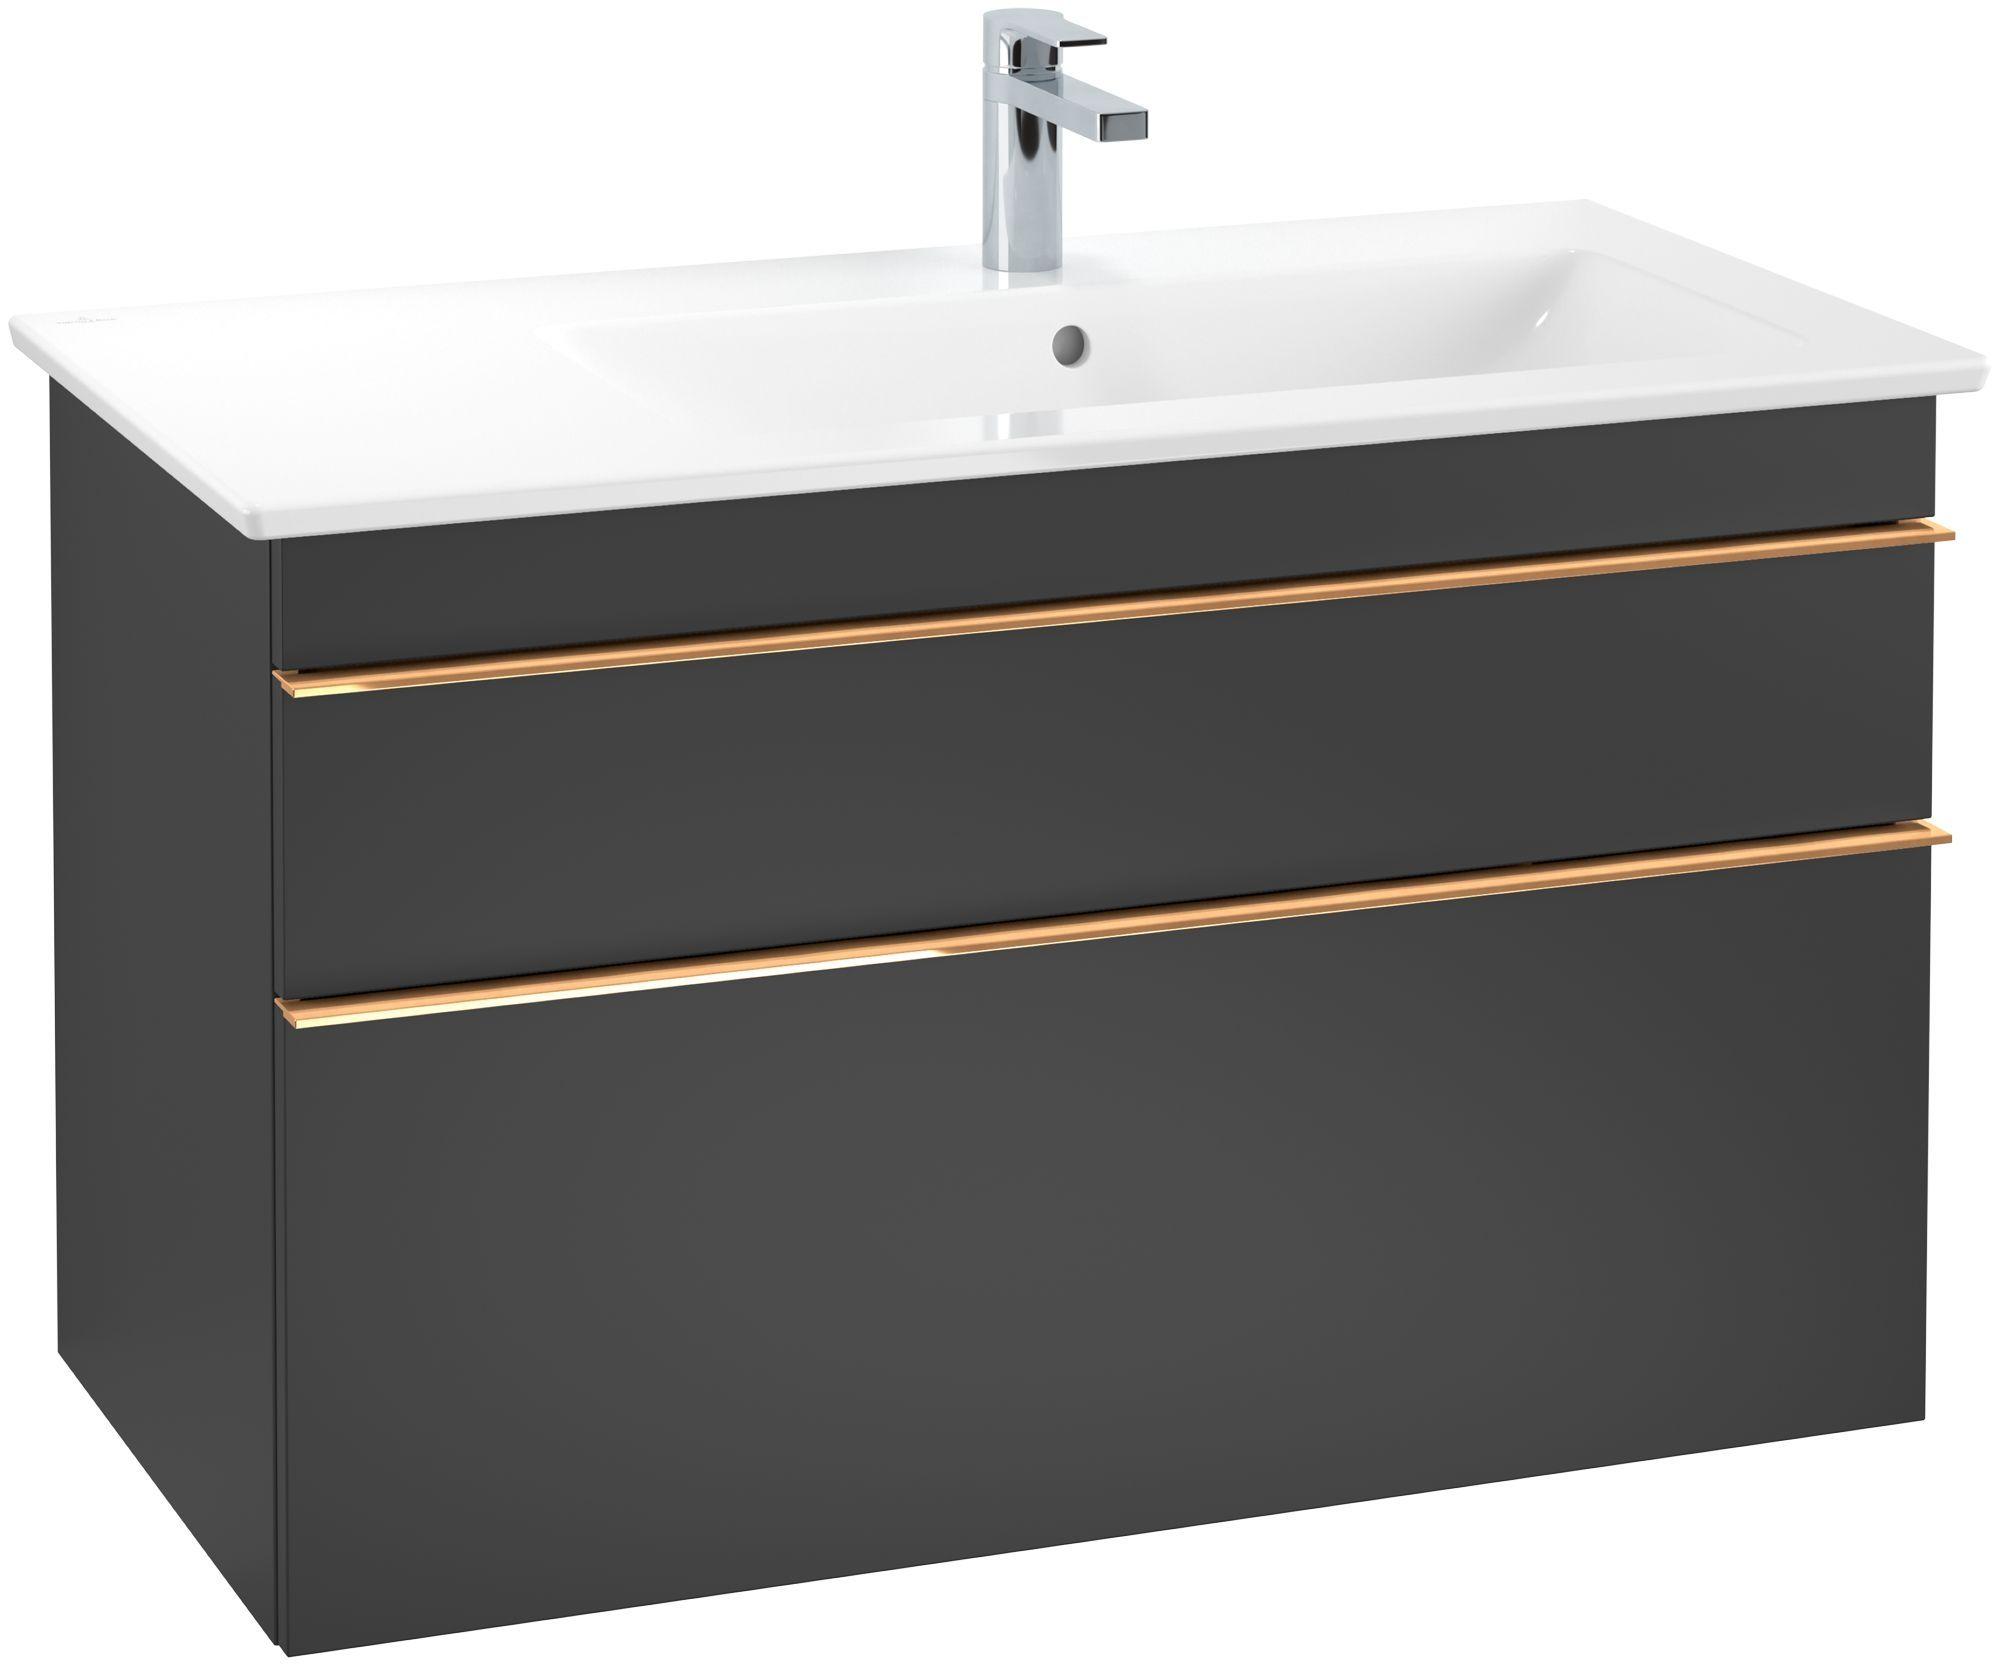 Villeroy & Boch Venticello Waschtischunterschrank 2 Auszüge B:95,3xH:59xT:50,2cm black matt lacquer Griffe copper A92805PD